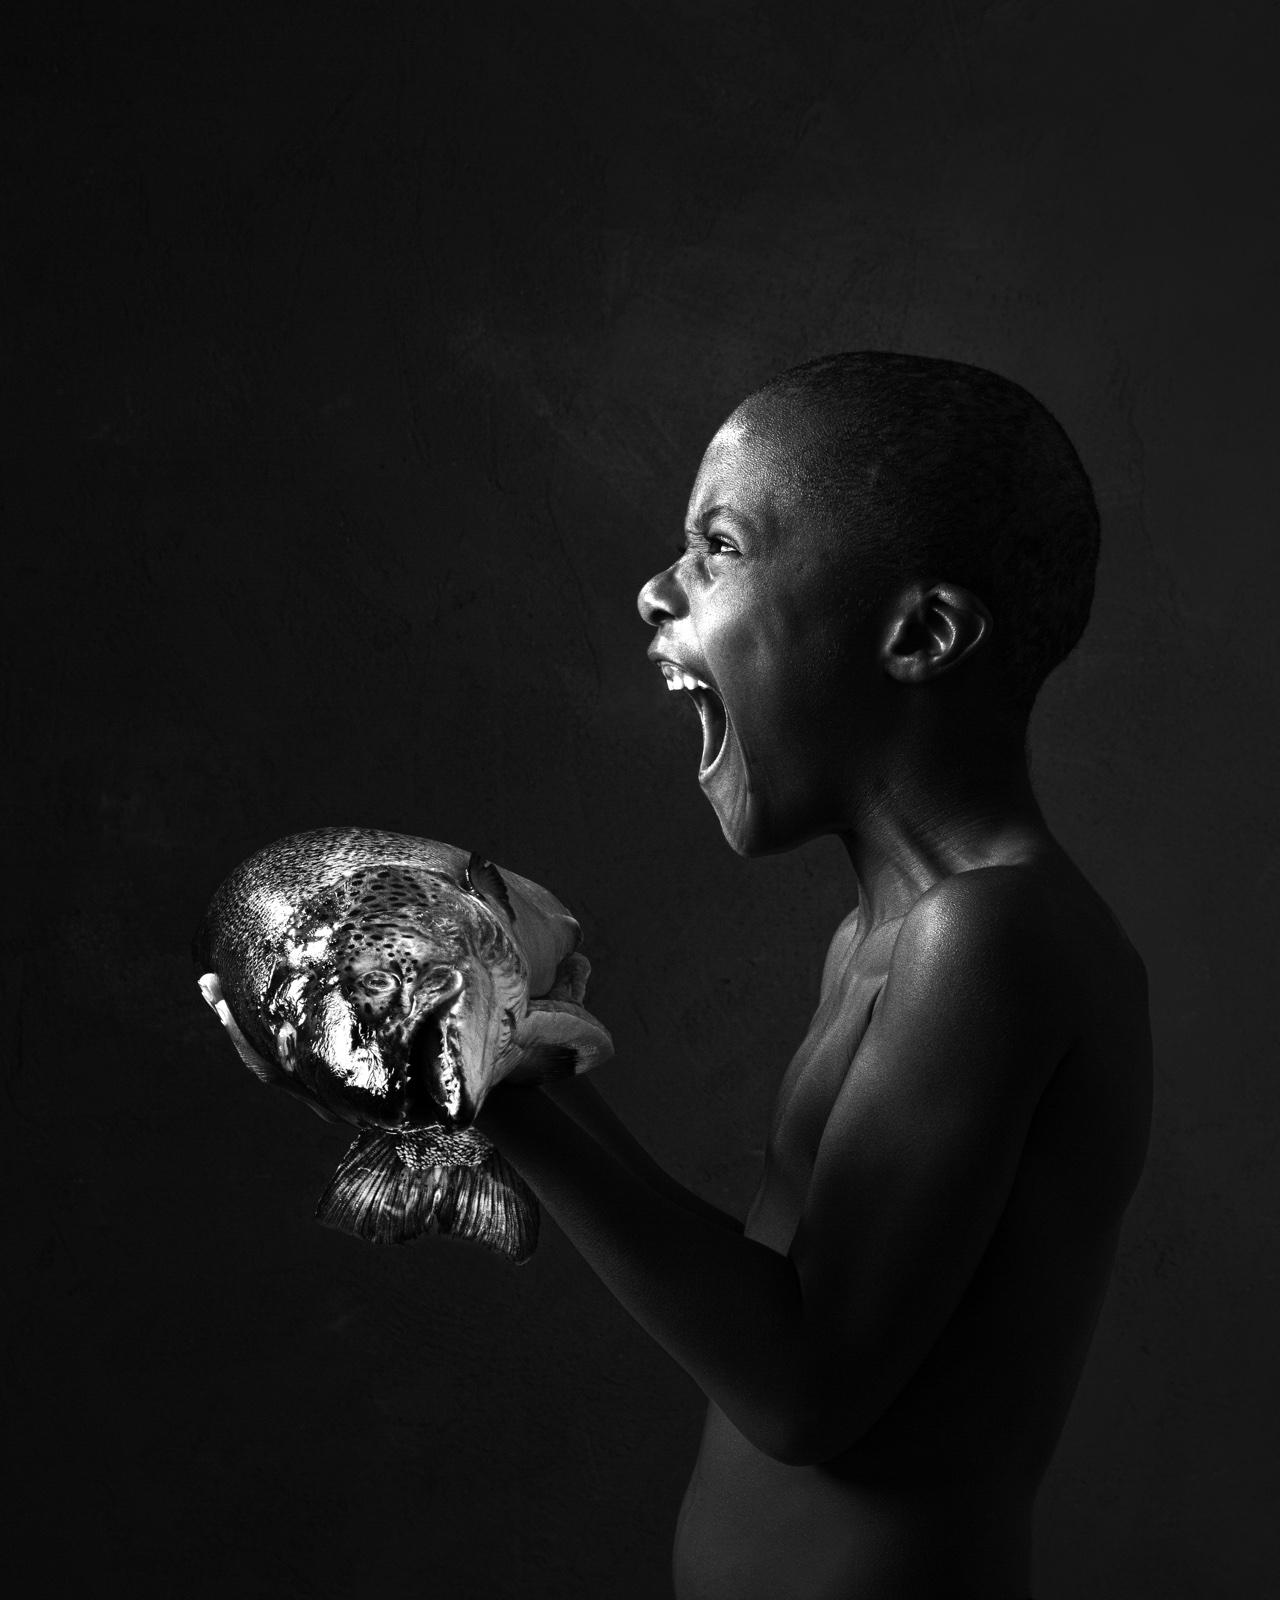 Kind met vis in handen schreeuwend